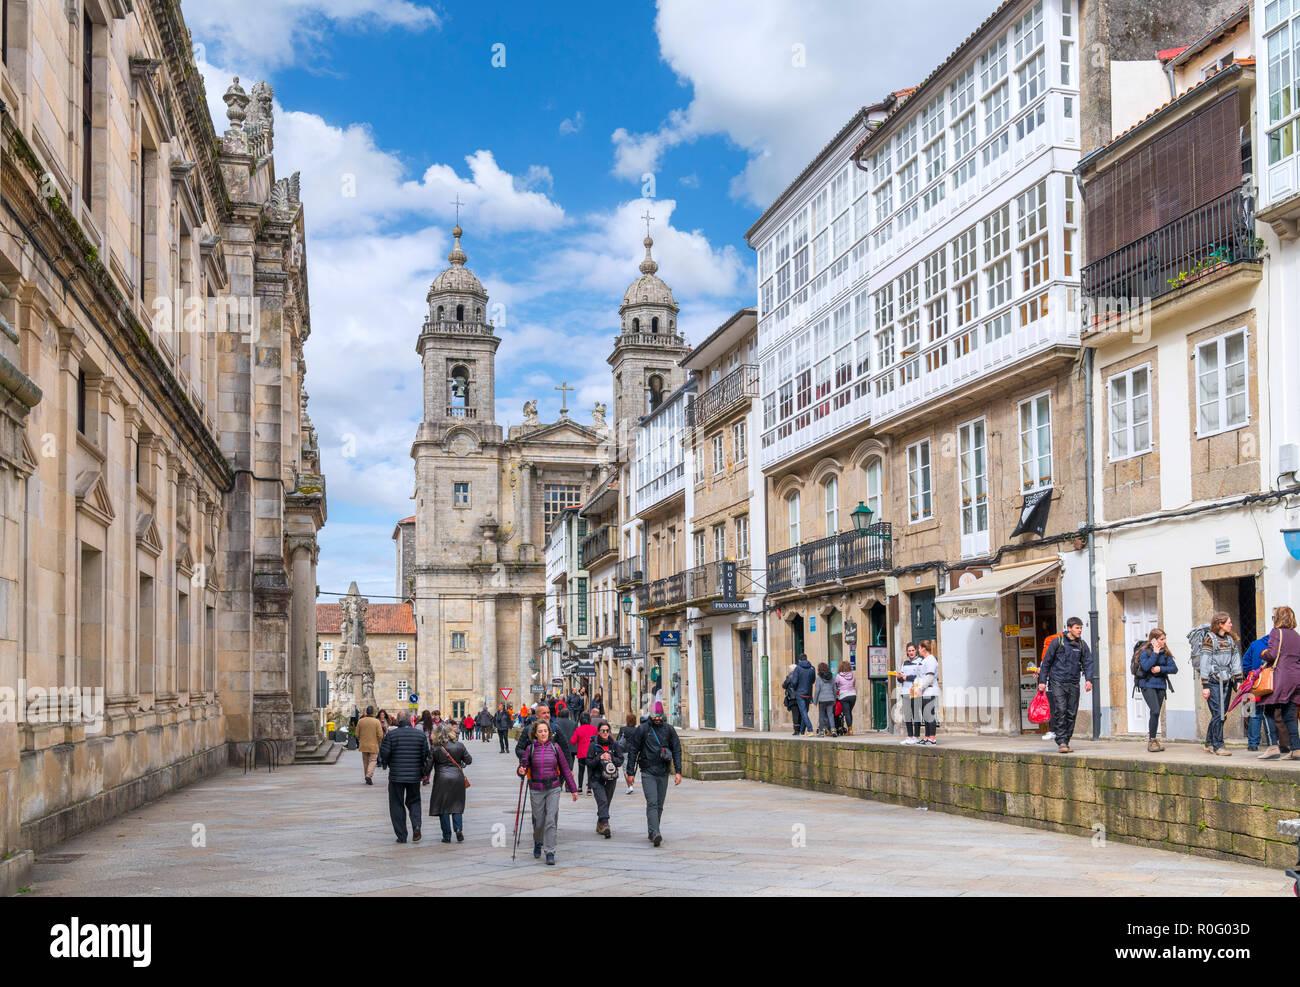 Shops on Rua de San Francisco looking towards the Iglesia de San Francisco, old town, Santiago de Compostela, Galicia, Spain - Stock Image